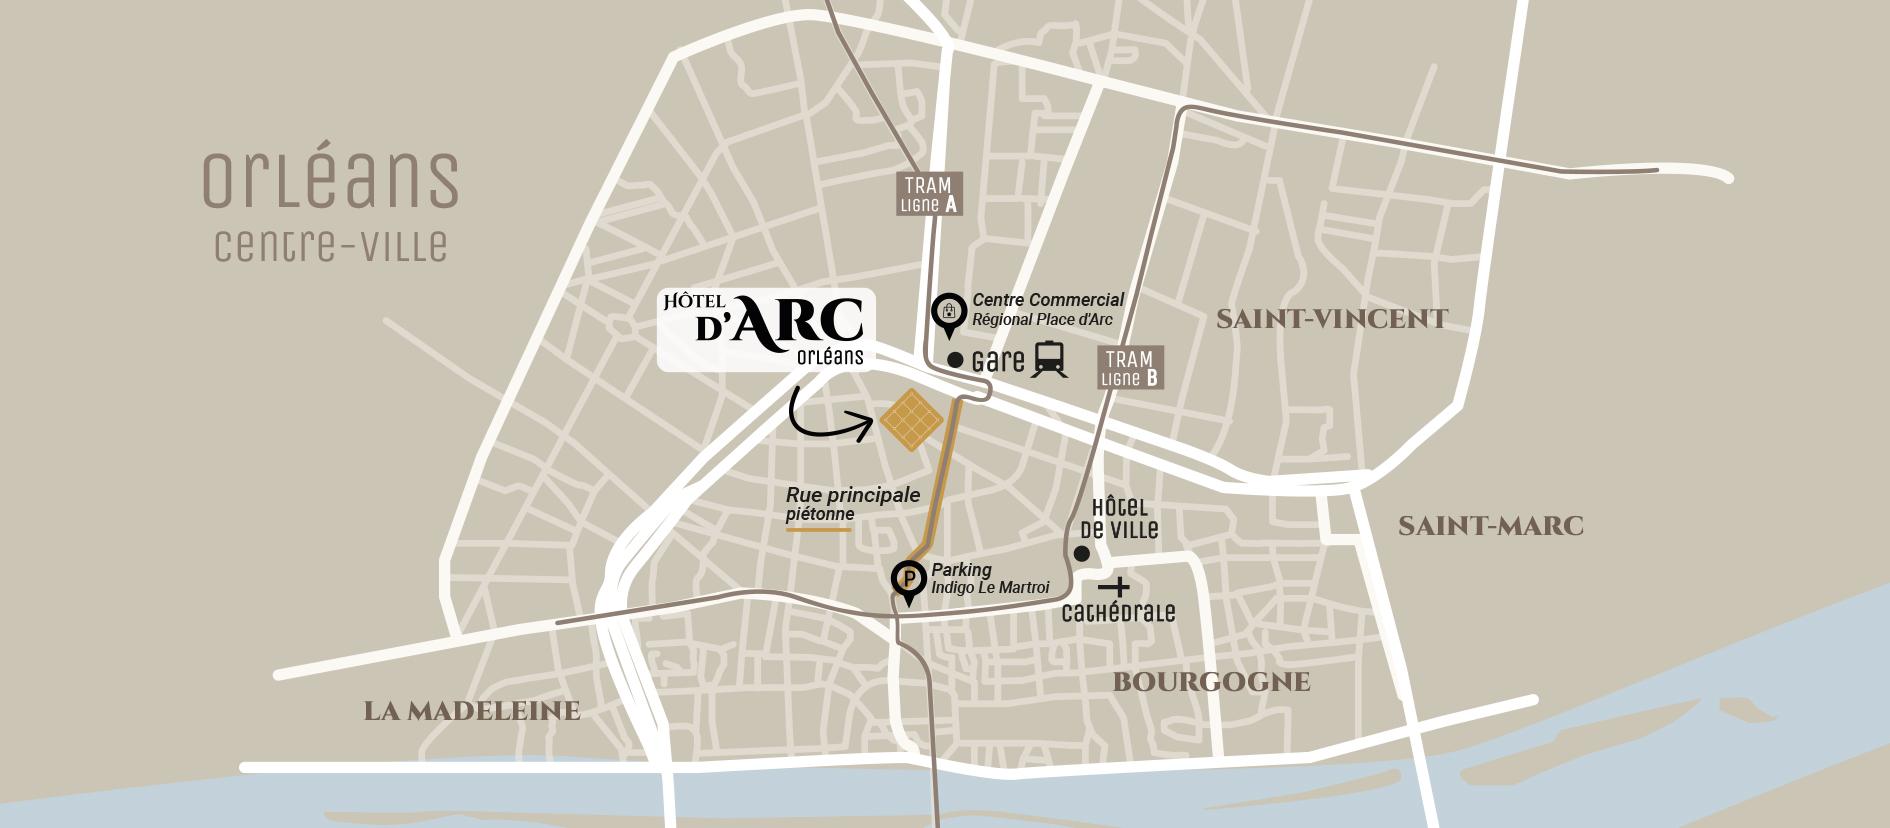 Carte Hôtel d'Arc Orléans proche de la gare